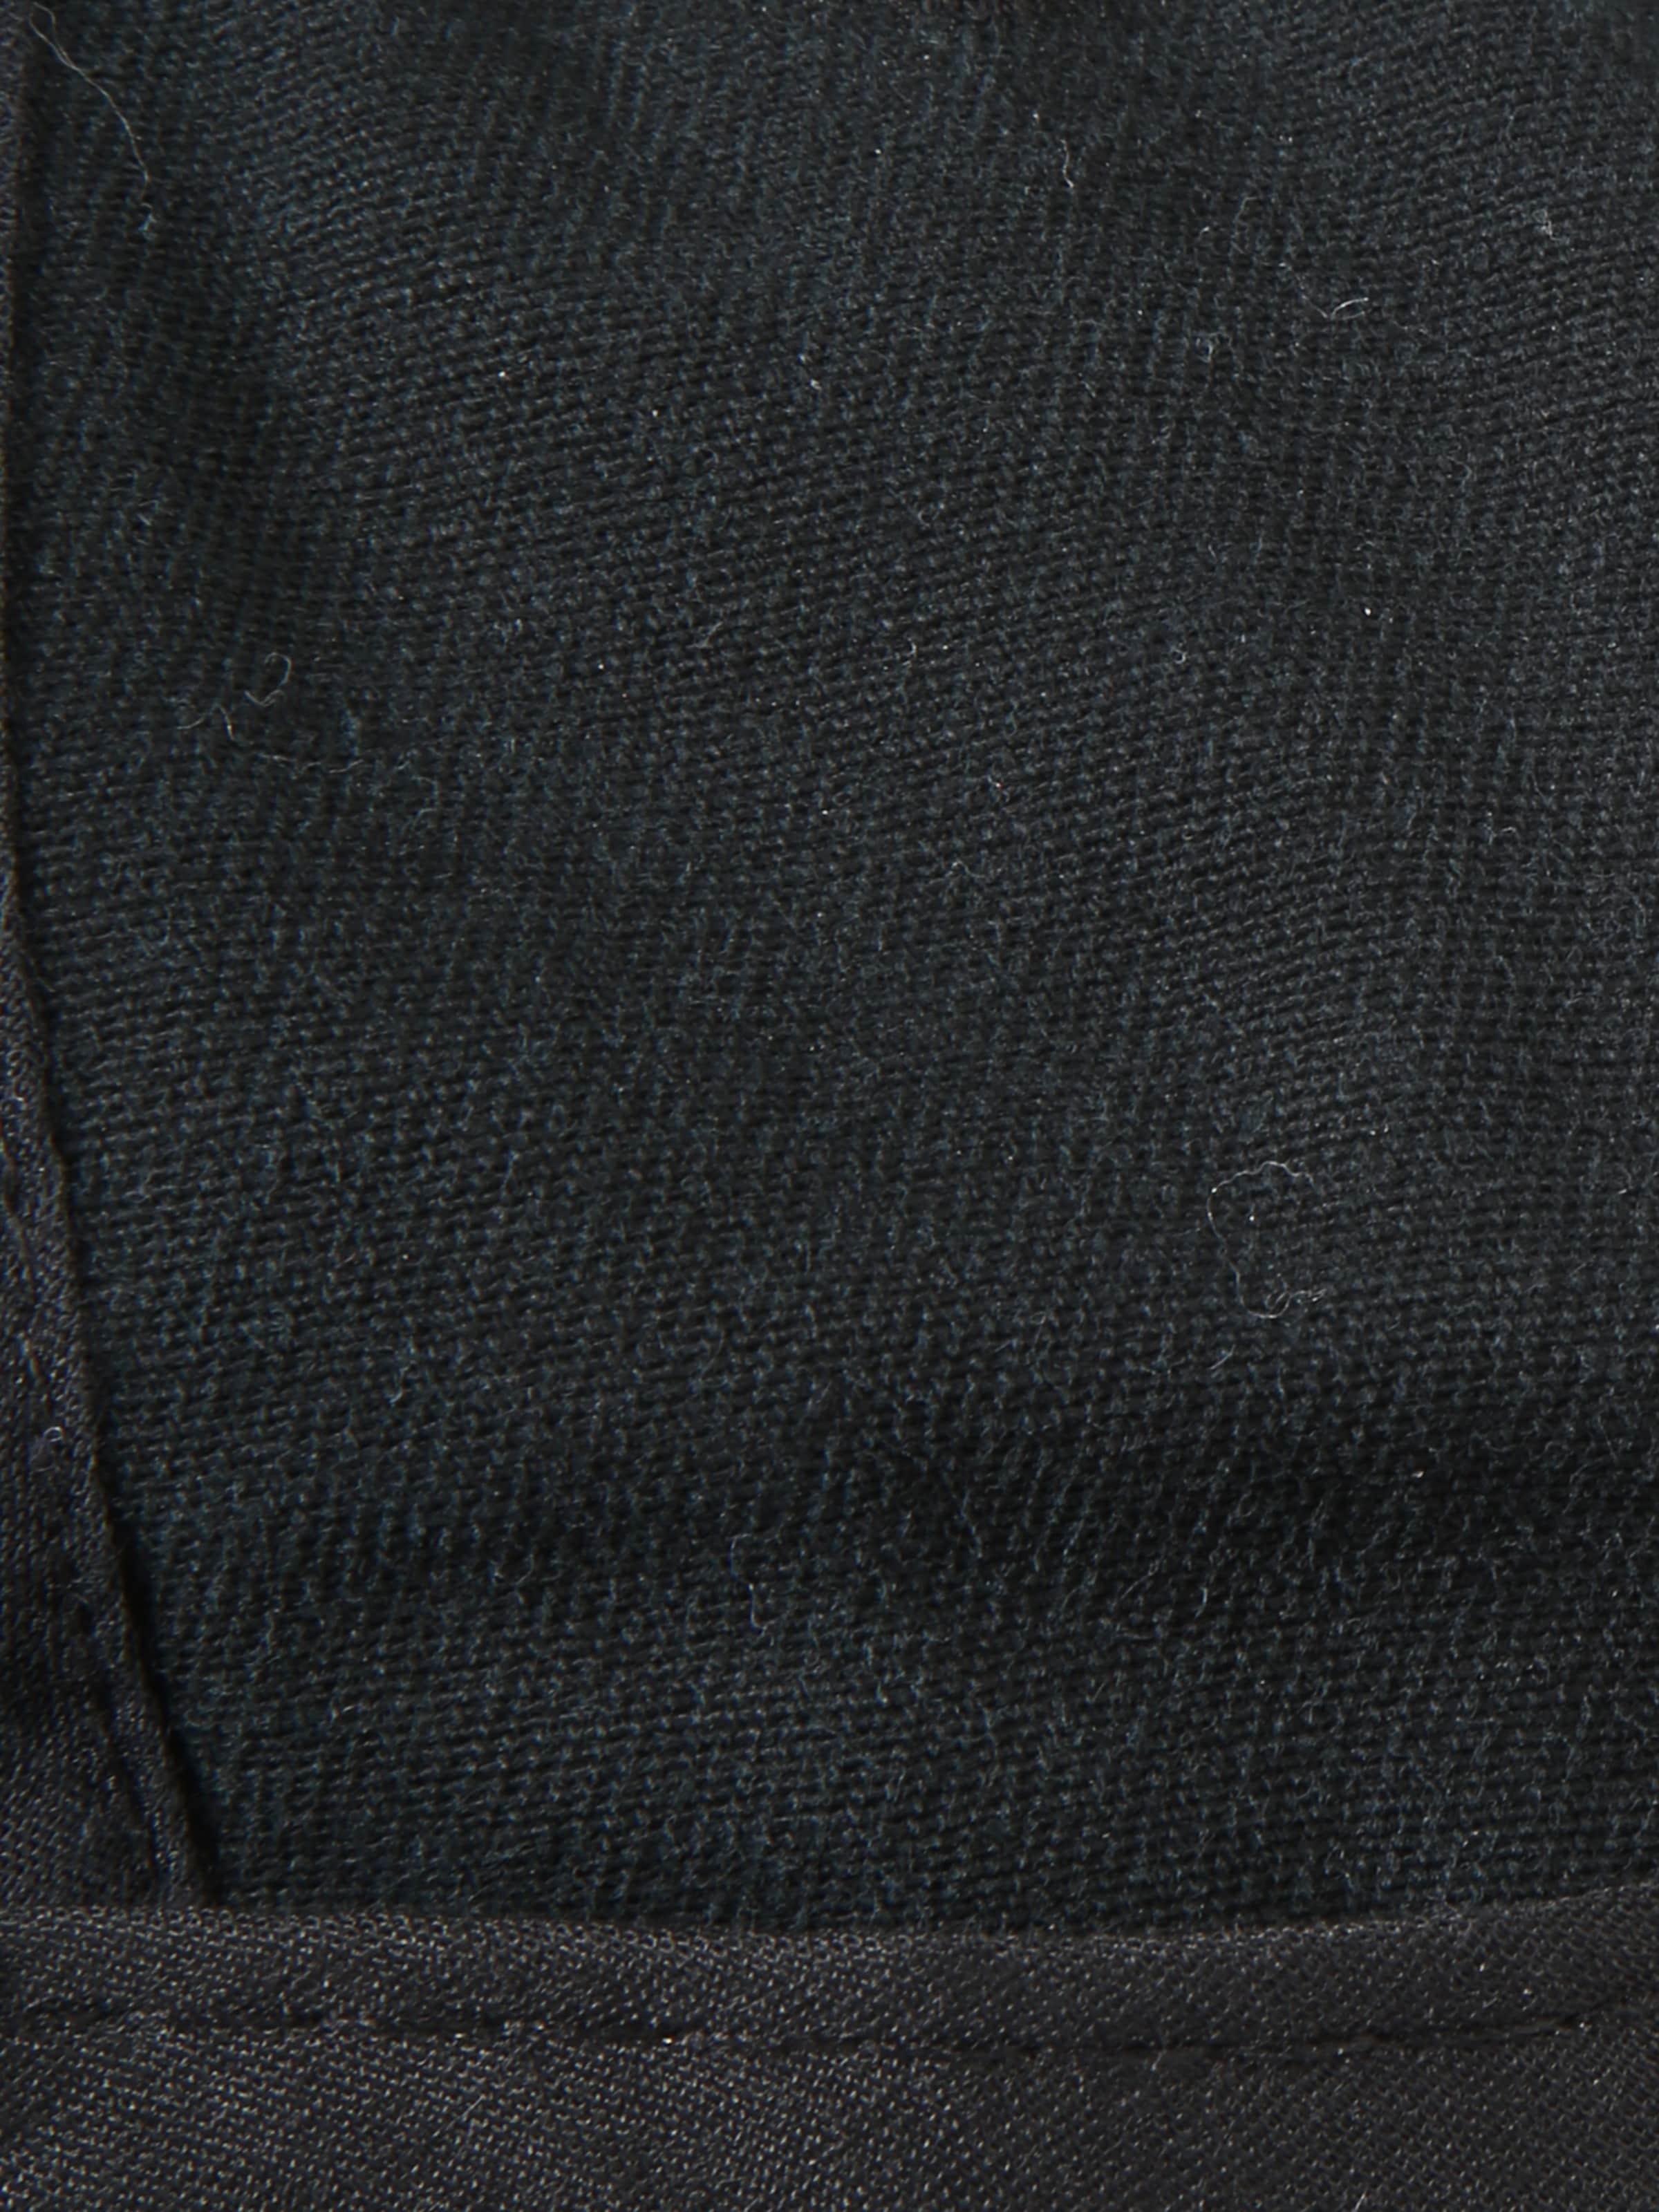 Günstig Kaufen Breite Palette Von DEUS EX MACHINA Kappe 'Temple Worm' Auslass Ausgezeichnet BQWU6RD8u